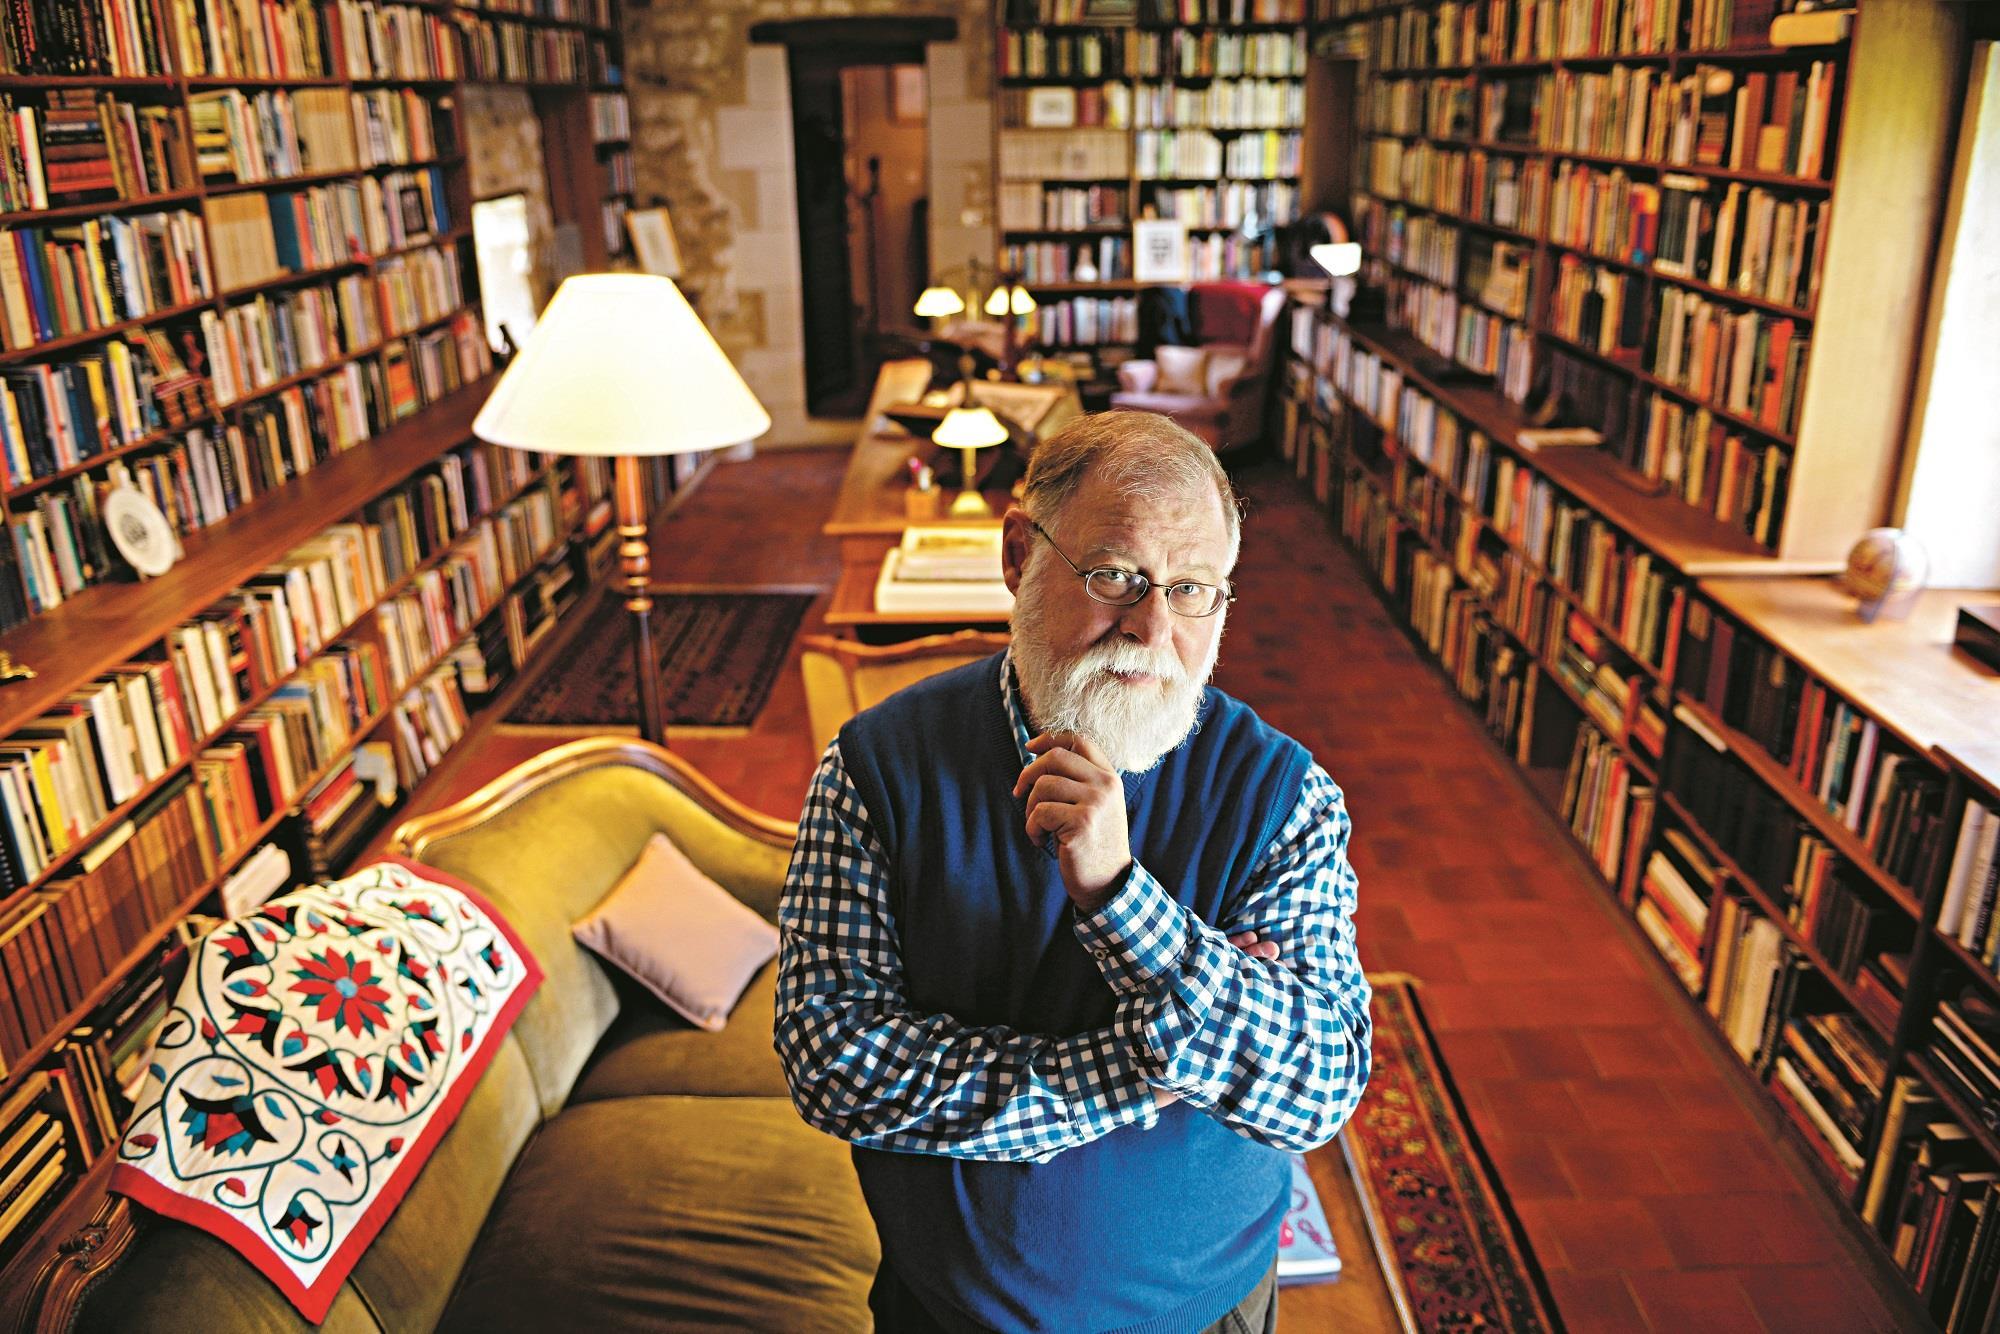 «شخصيات مذهلة من عالم الأدب» لمانغويل… الشّخوص كمواضيع أدبية